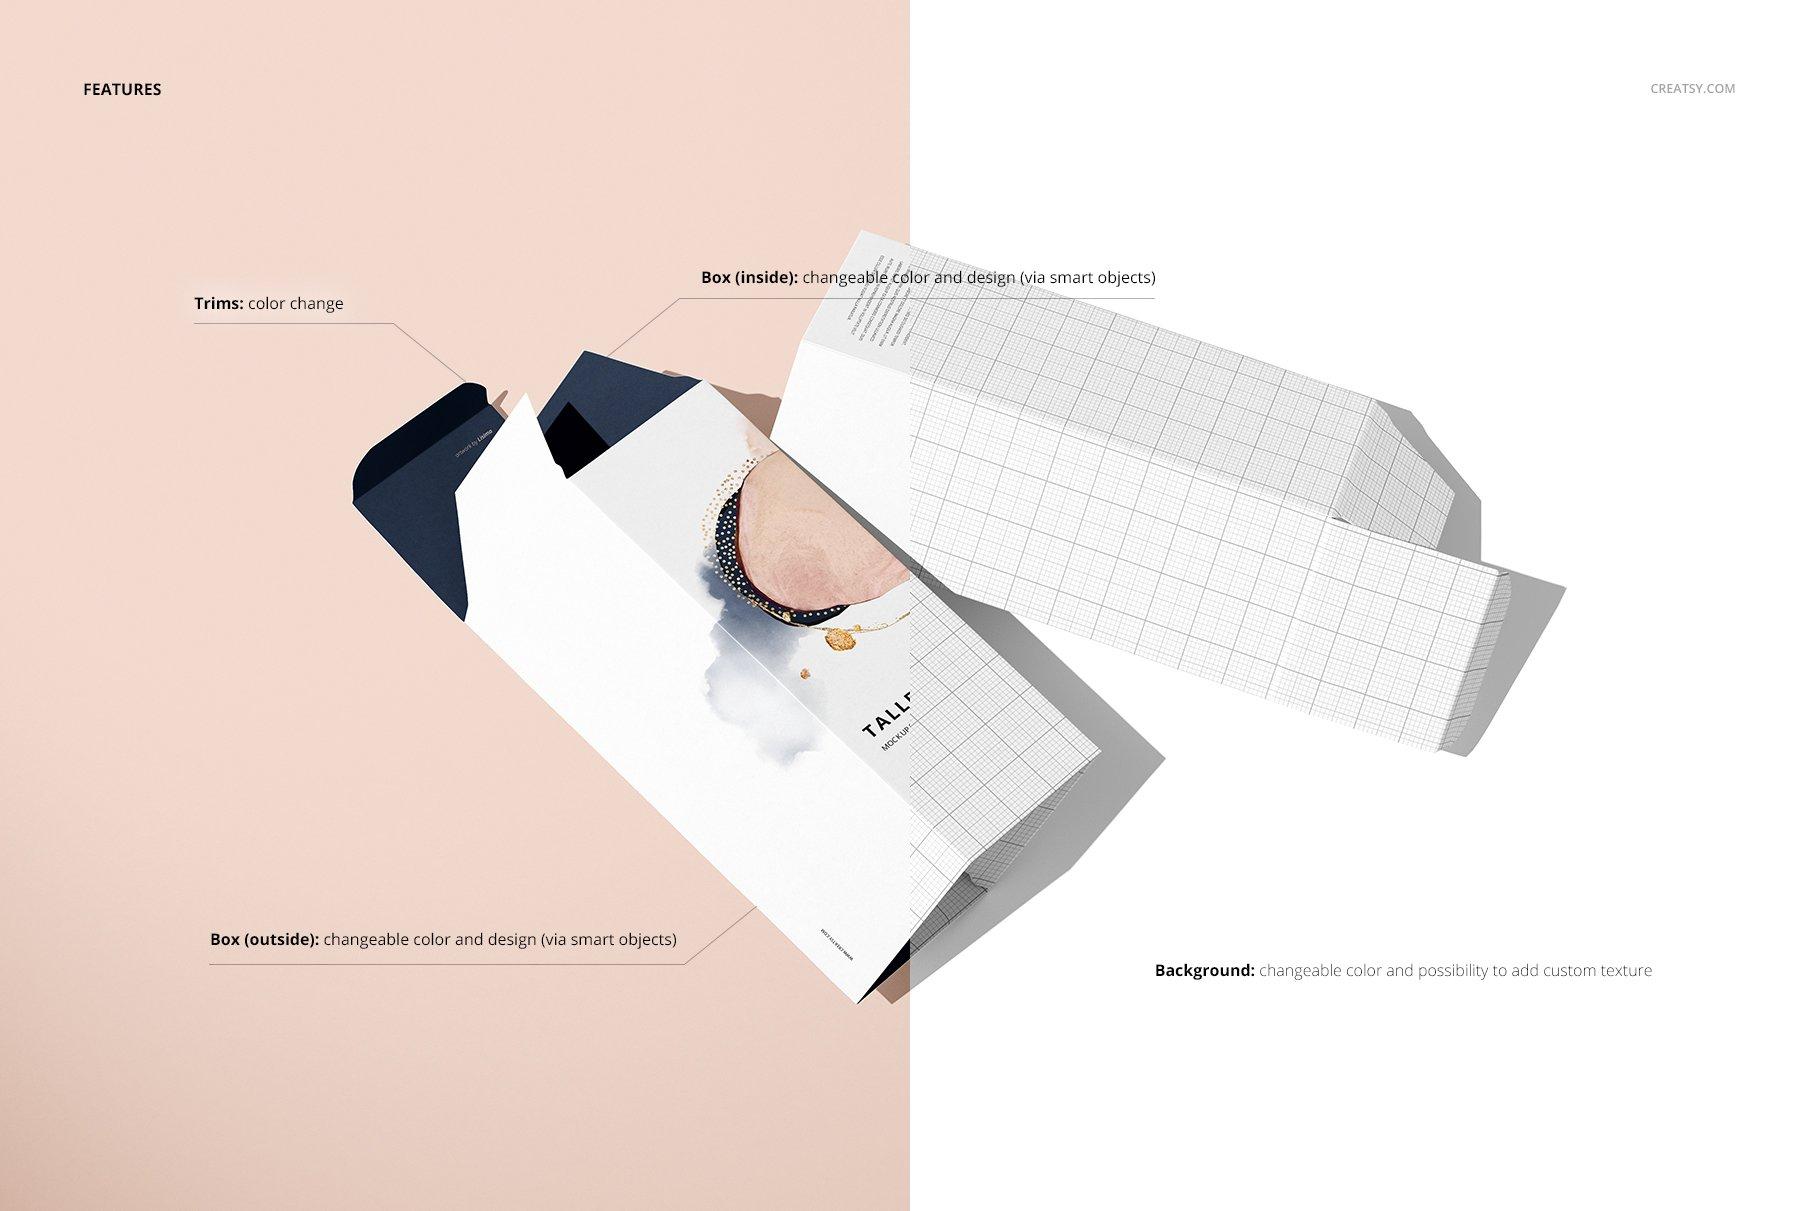 极简方形产品包装纸盒设计PS智能贴图样机合集 Tall Box Mockup Set插图3